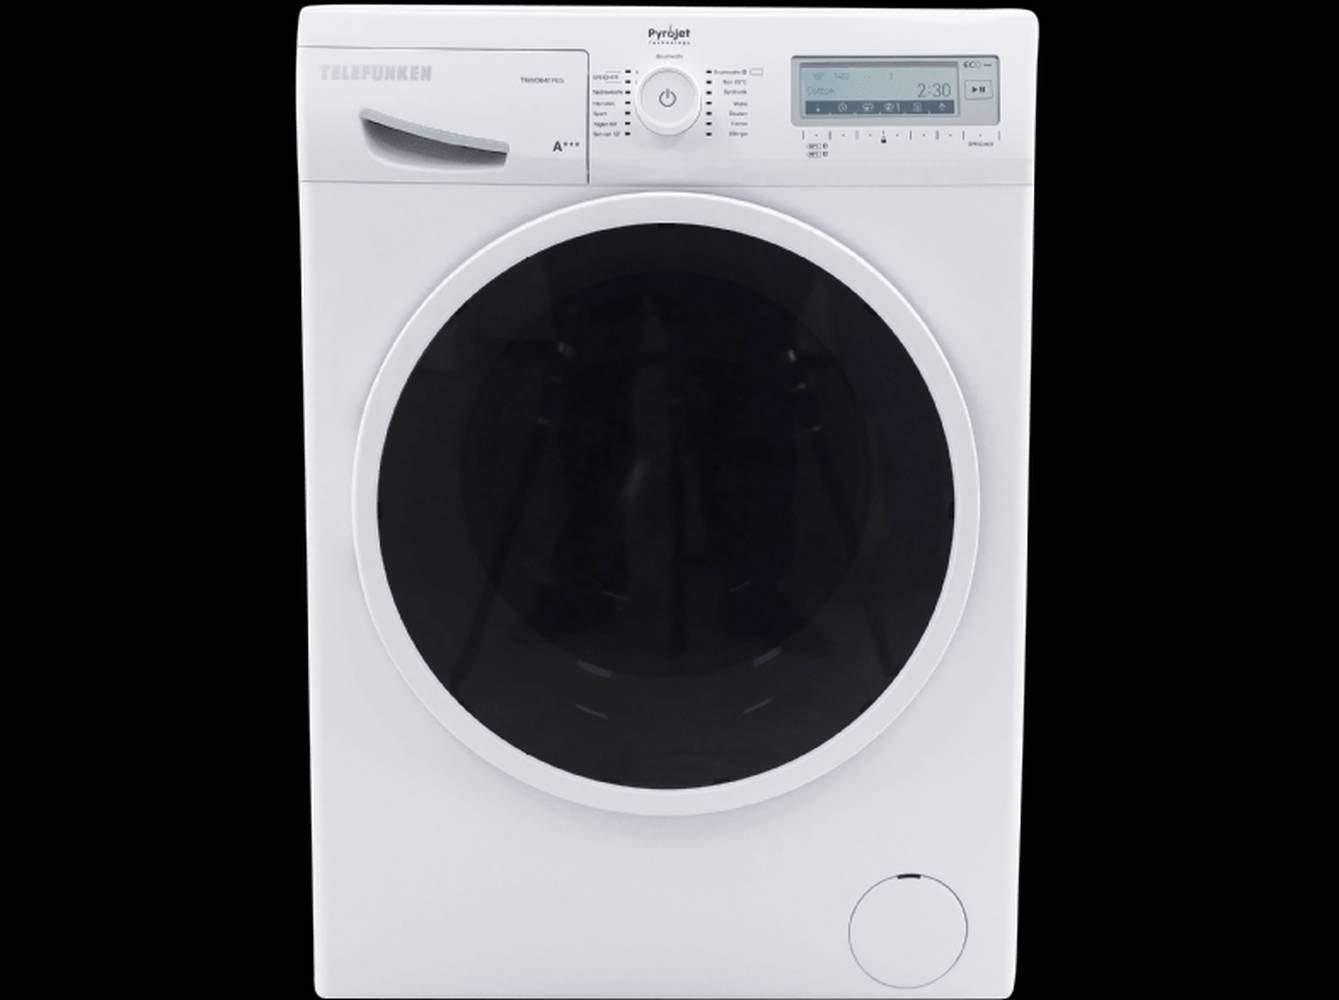 Waschmaschinenschrank Erhöht : Verburg wscs waschturm waschmaschinenschrank kaufen saturn